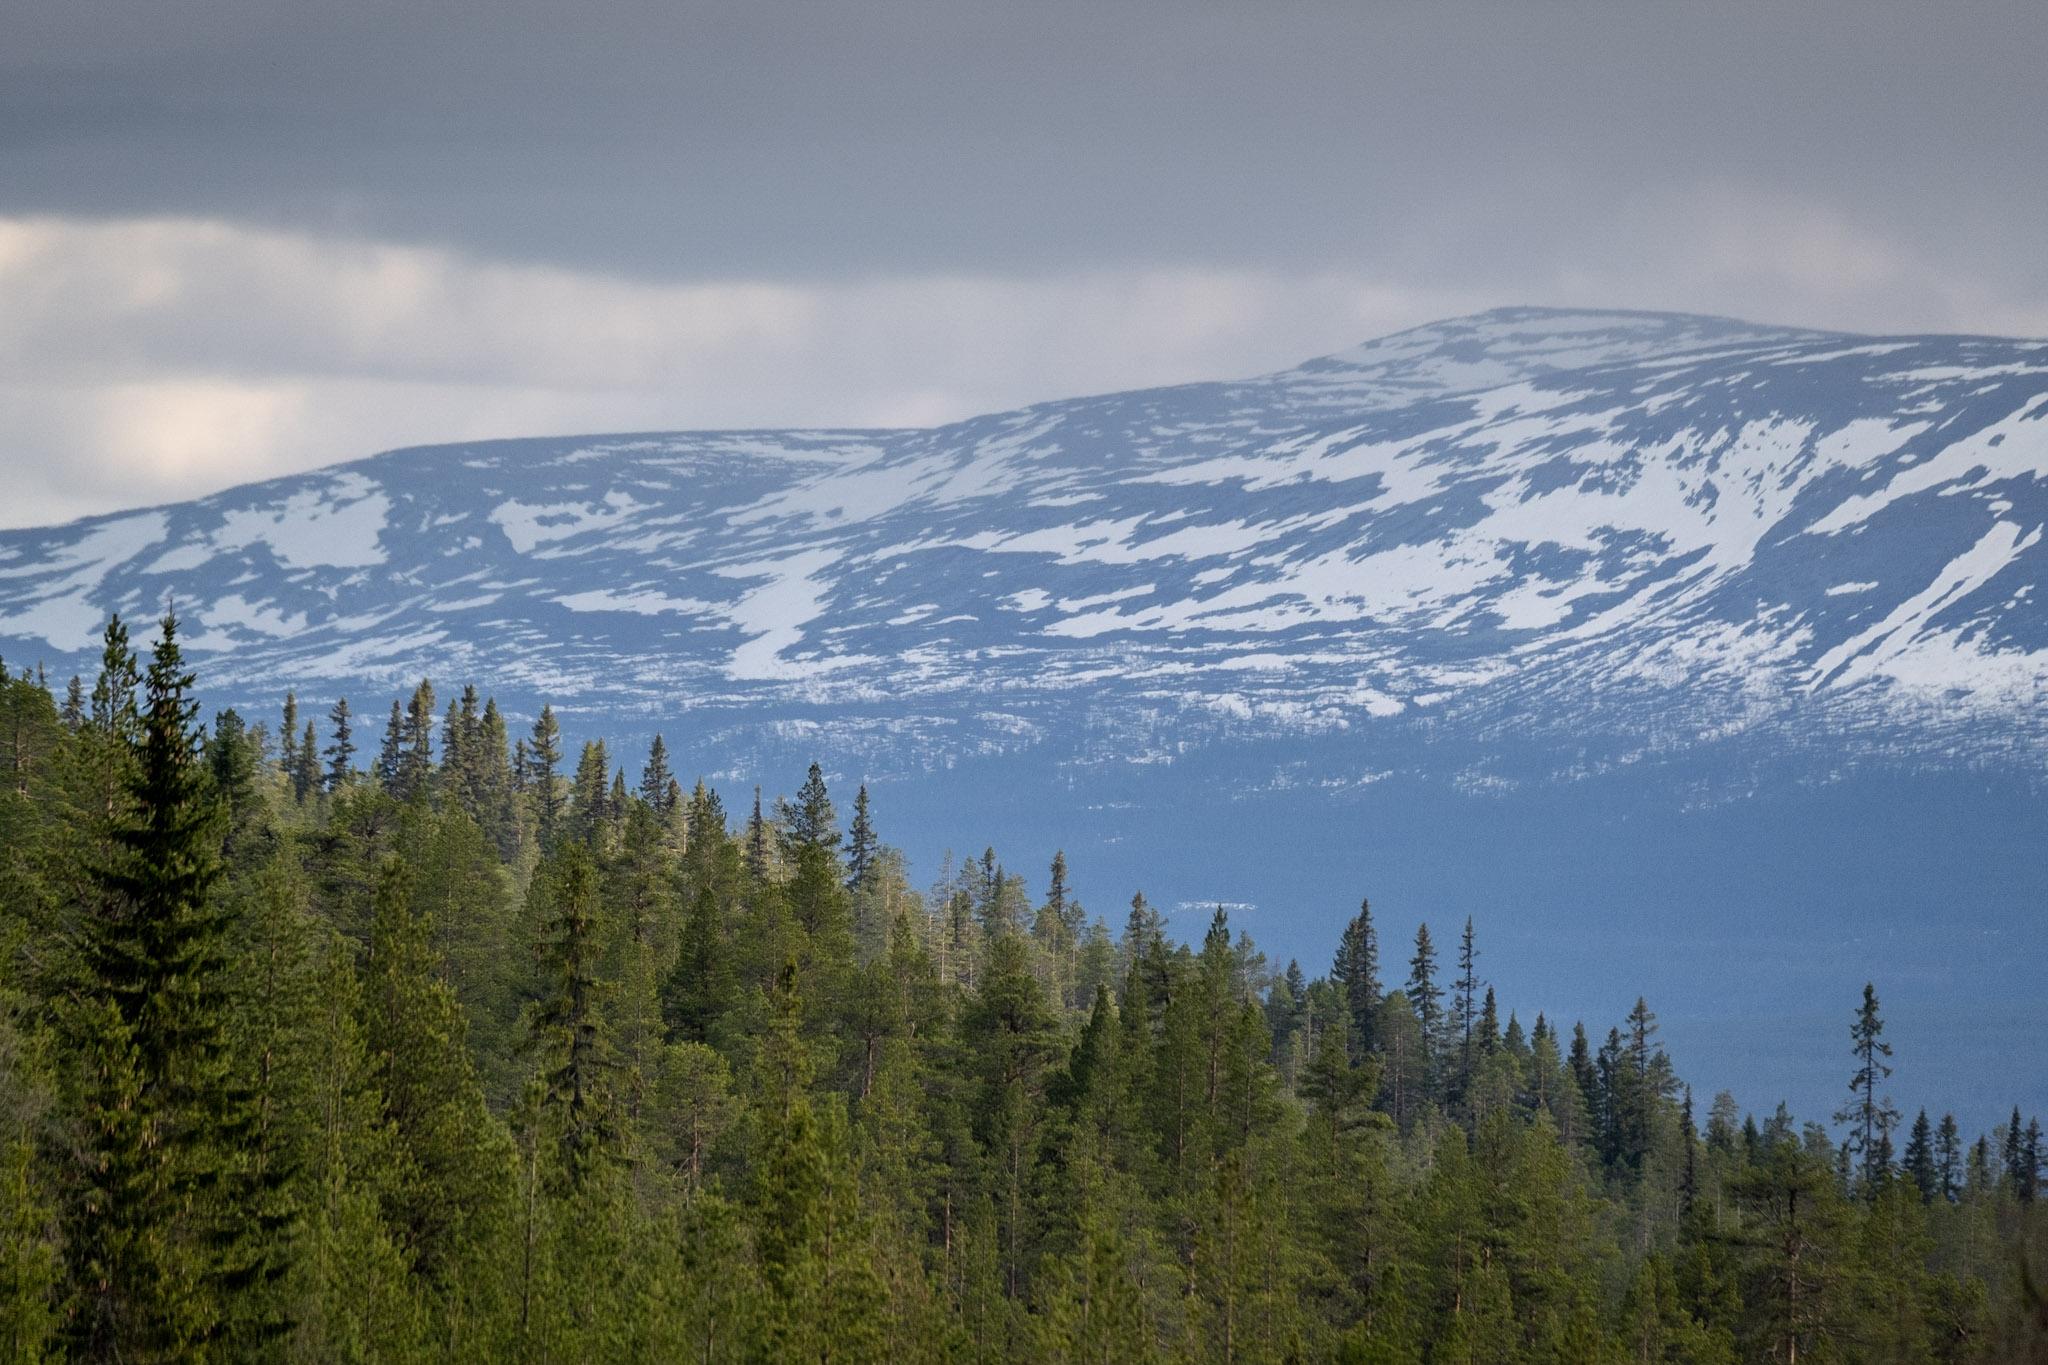 Berg i bakgrunden, skog i förgrunden